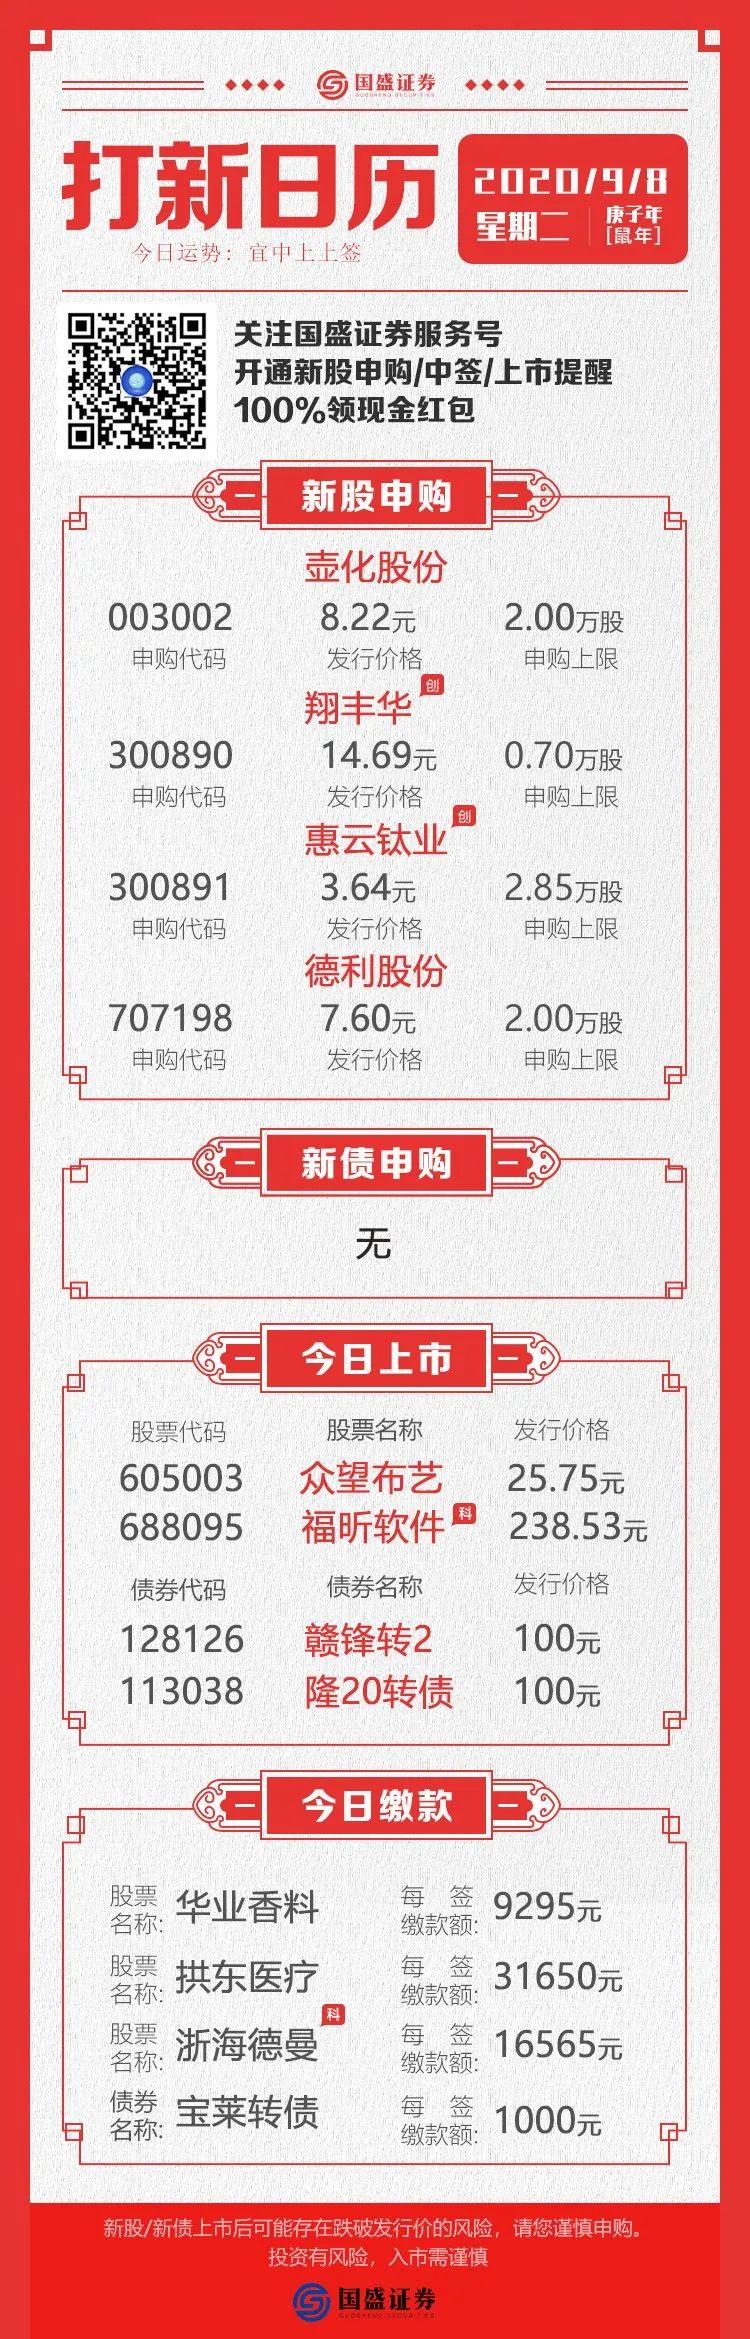 今日申购丨壶化股份、翔丰华、惠云钛业、德利股份